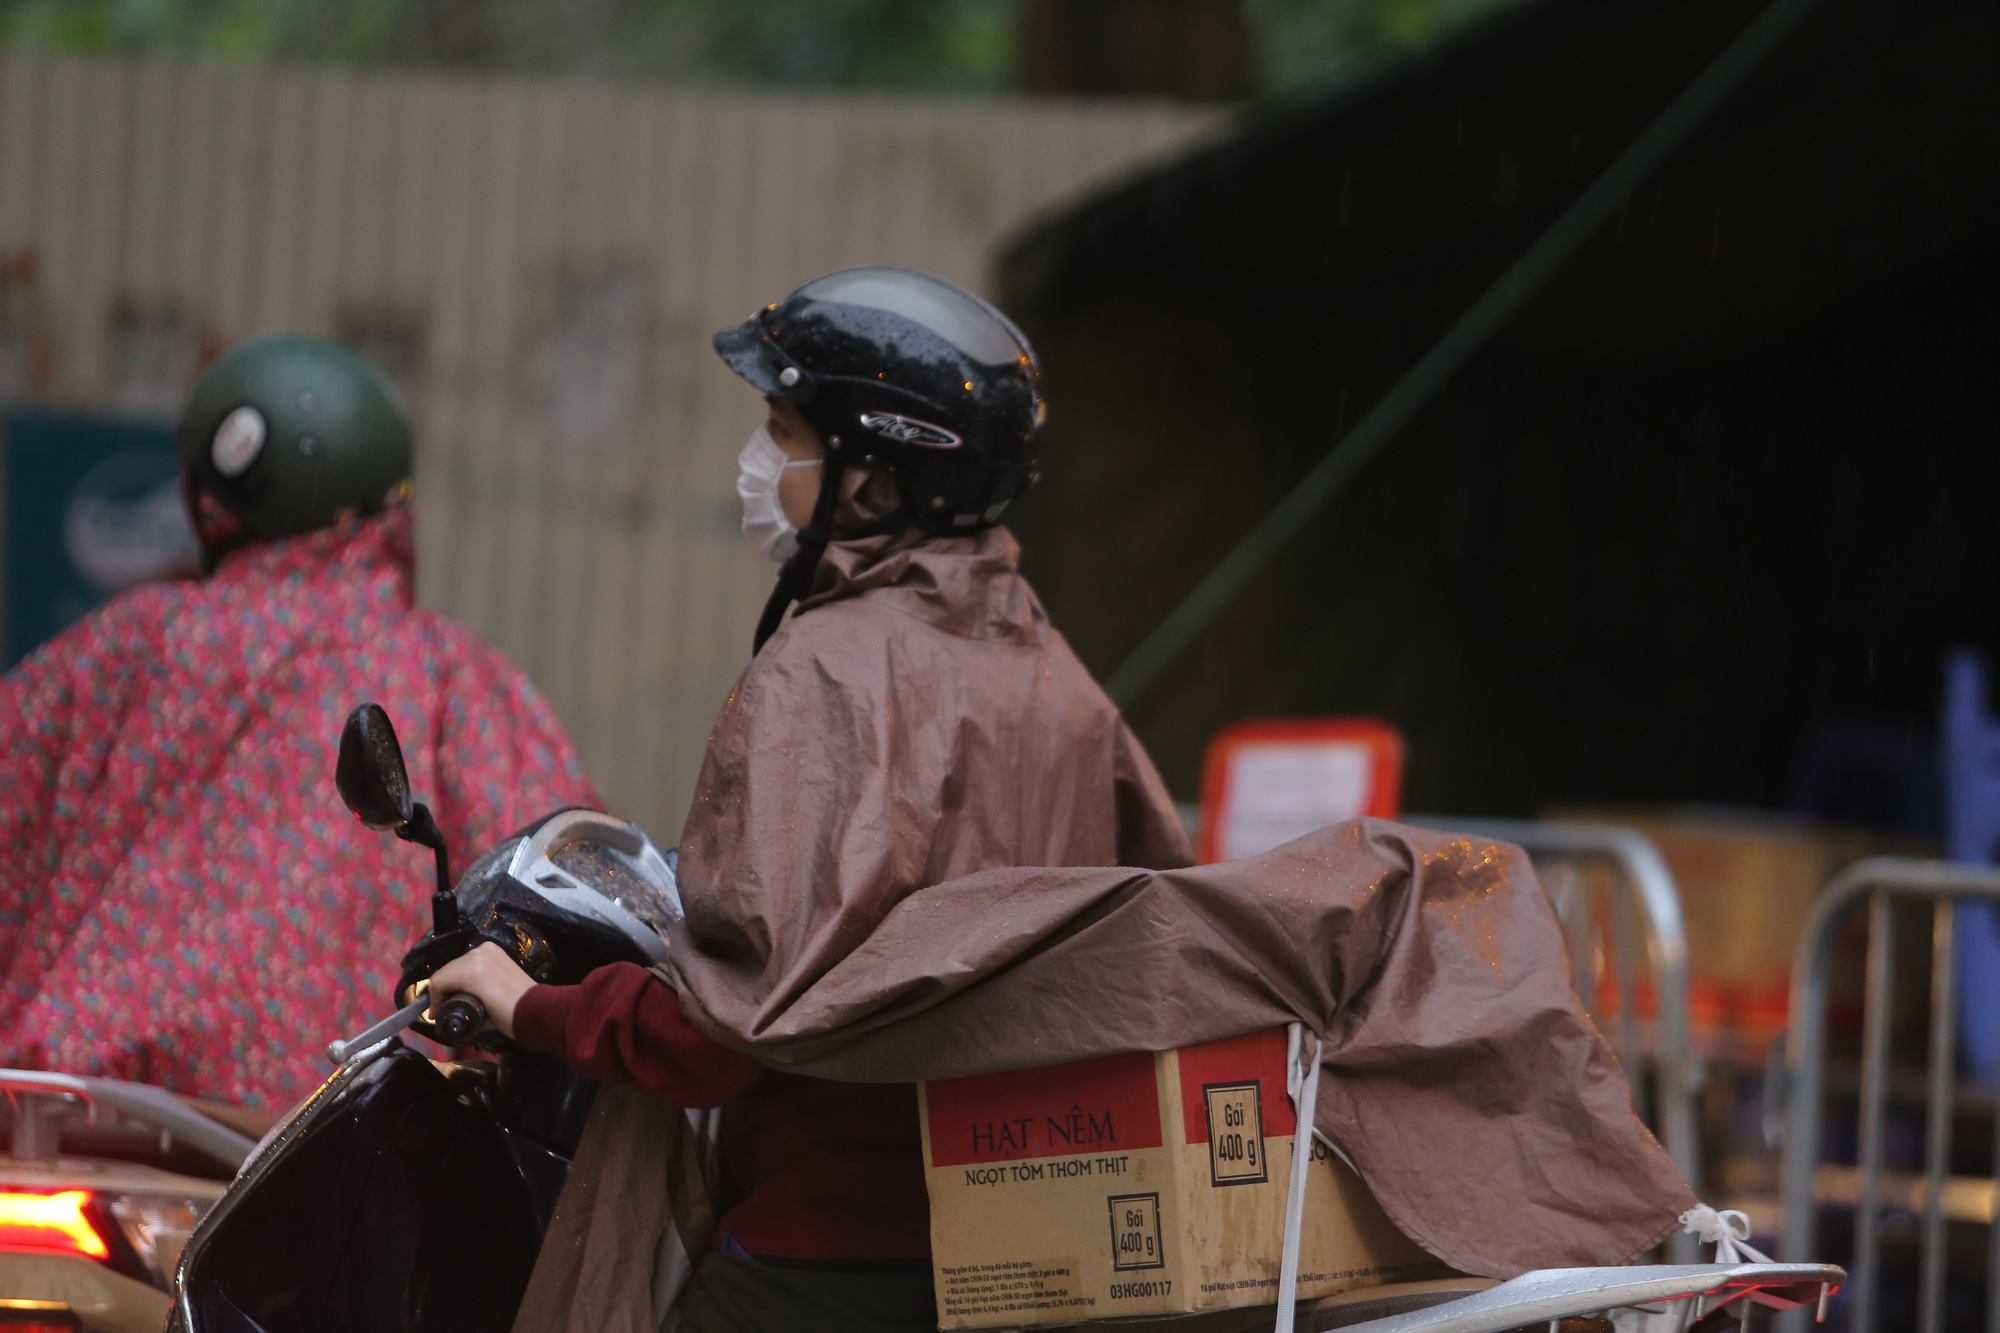 Quá giờ kí gửi đồ, nhiều người vẫn đội mưa nán lại chờ gửi đồ tiếp tế cho người thân ở khu cách ly Pháp Vân- Tứ Hiệp - Ảnh 14.